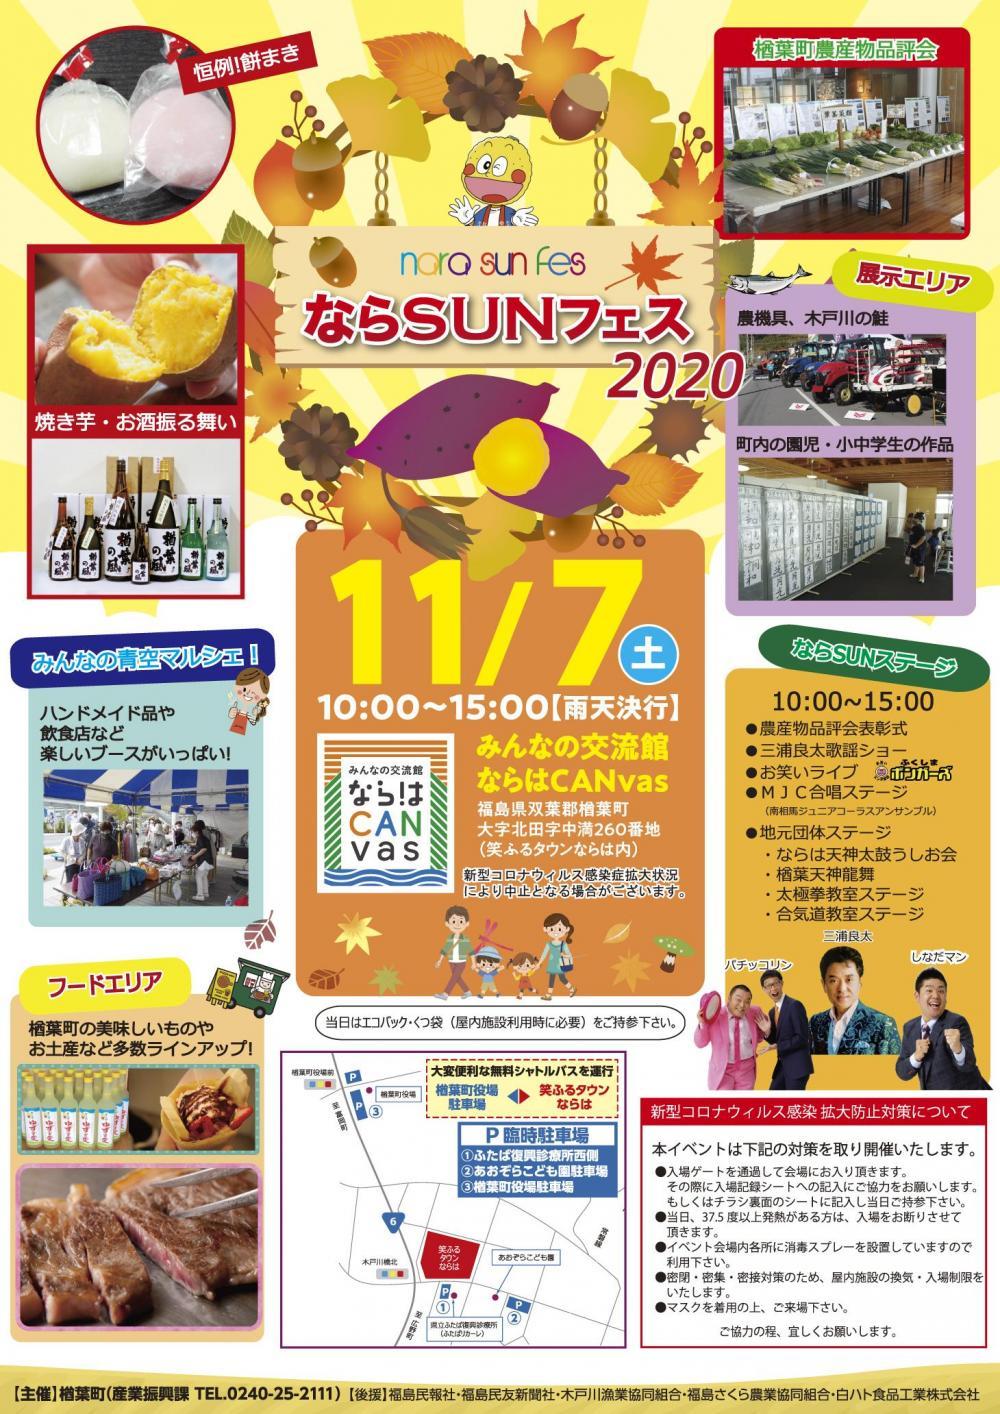 【画像データ】ポスター2020ならSUNフェス_c.jpg